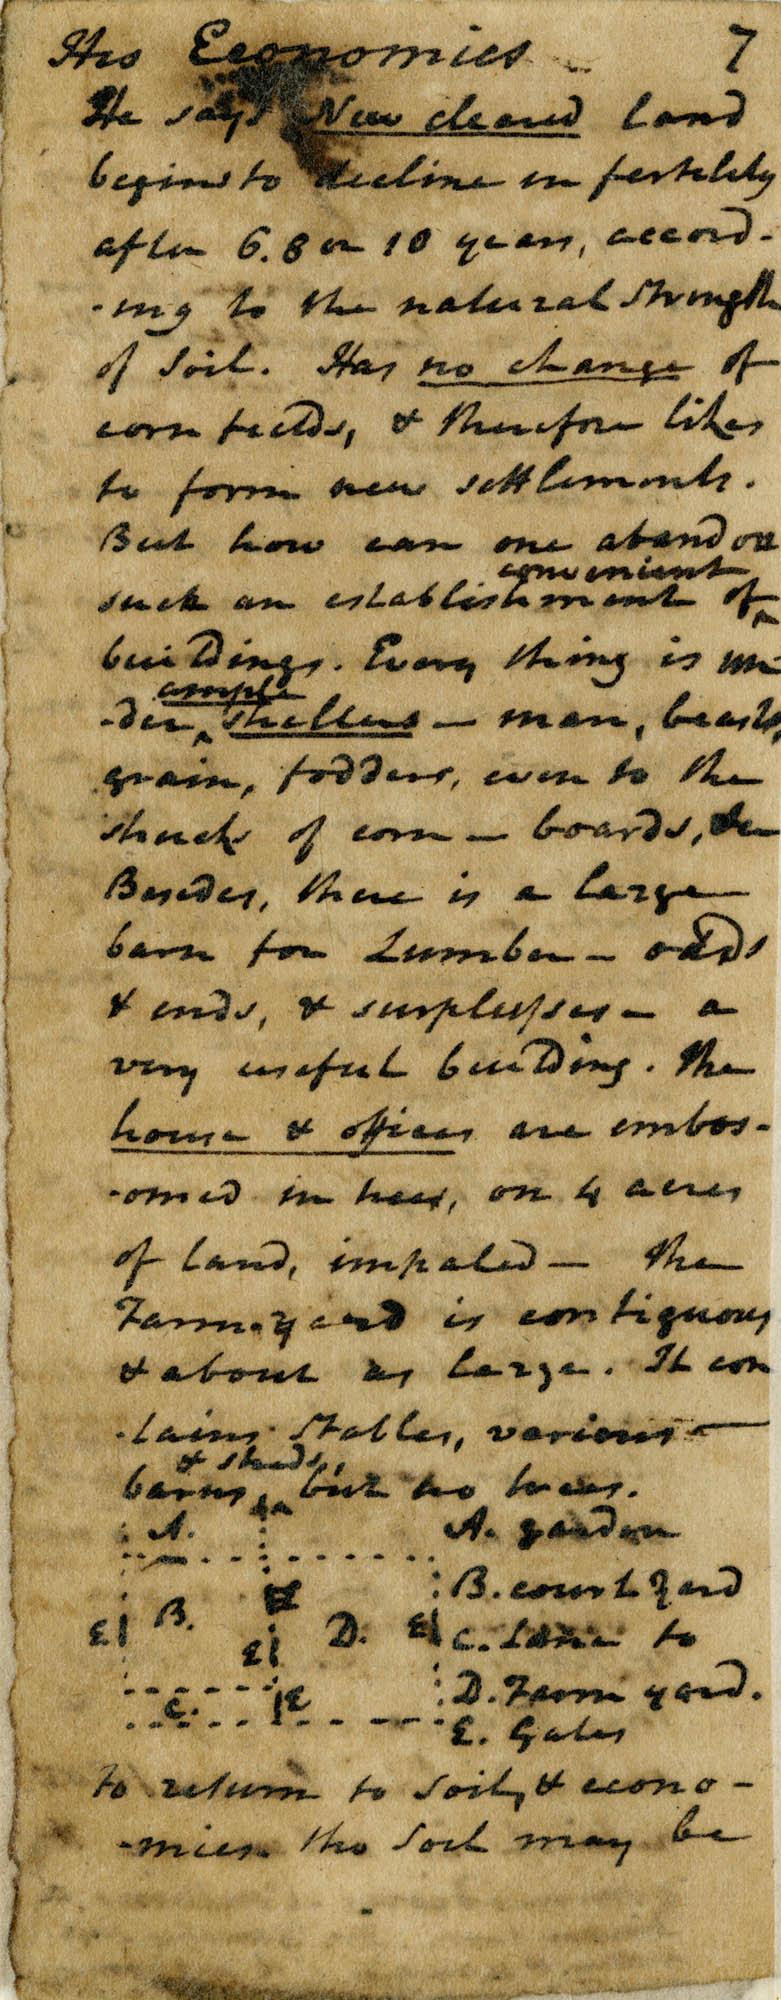 Diary of Charles Drayton, 1814 page 31